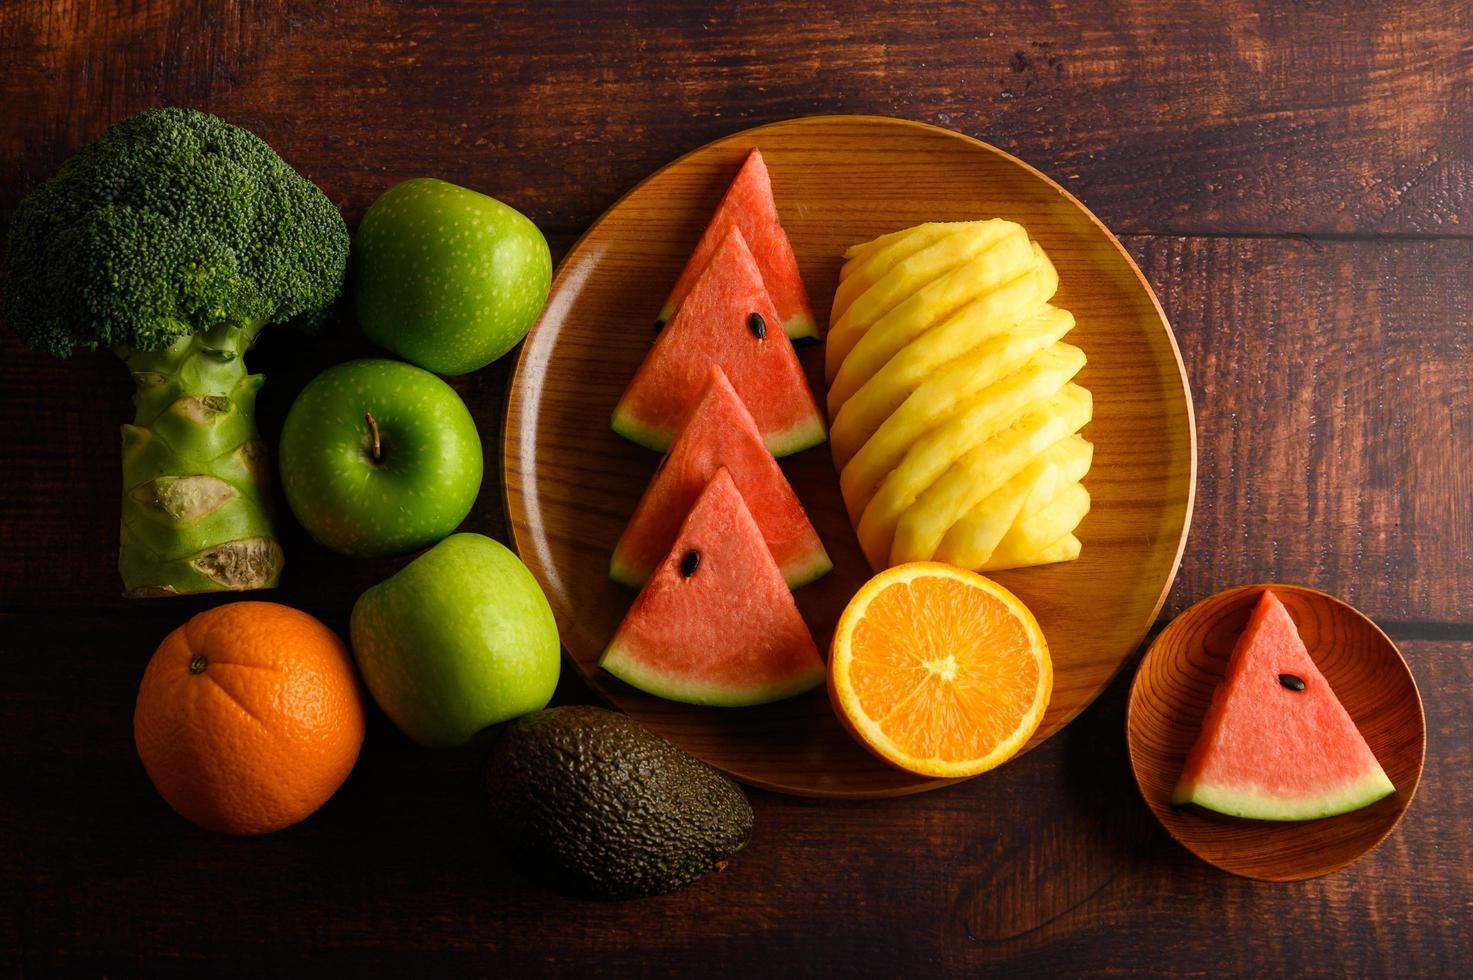 bunte Wassermelone, Ananas, Orangen mit Avocado und Äpfeln foto